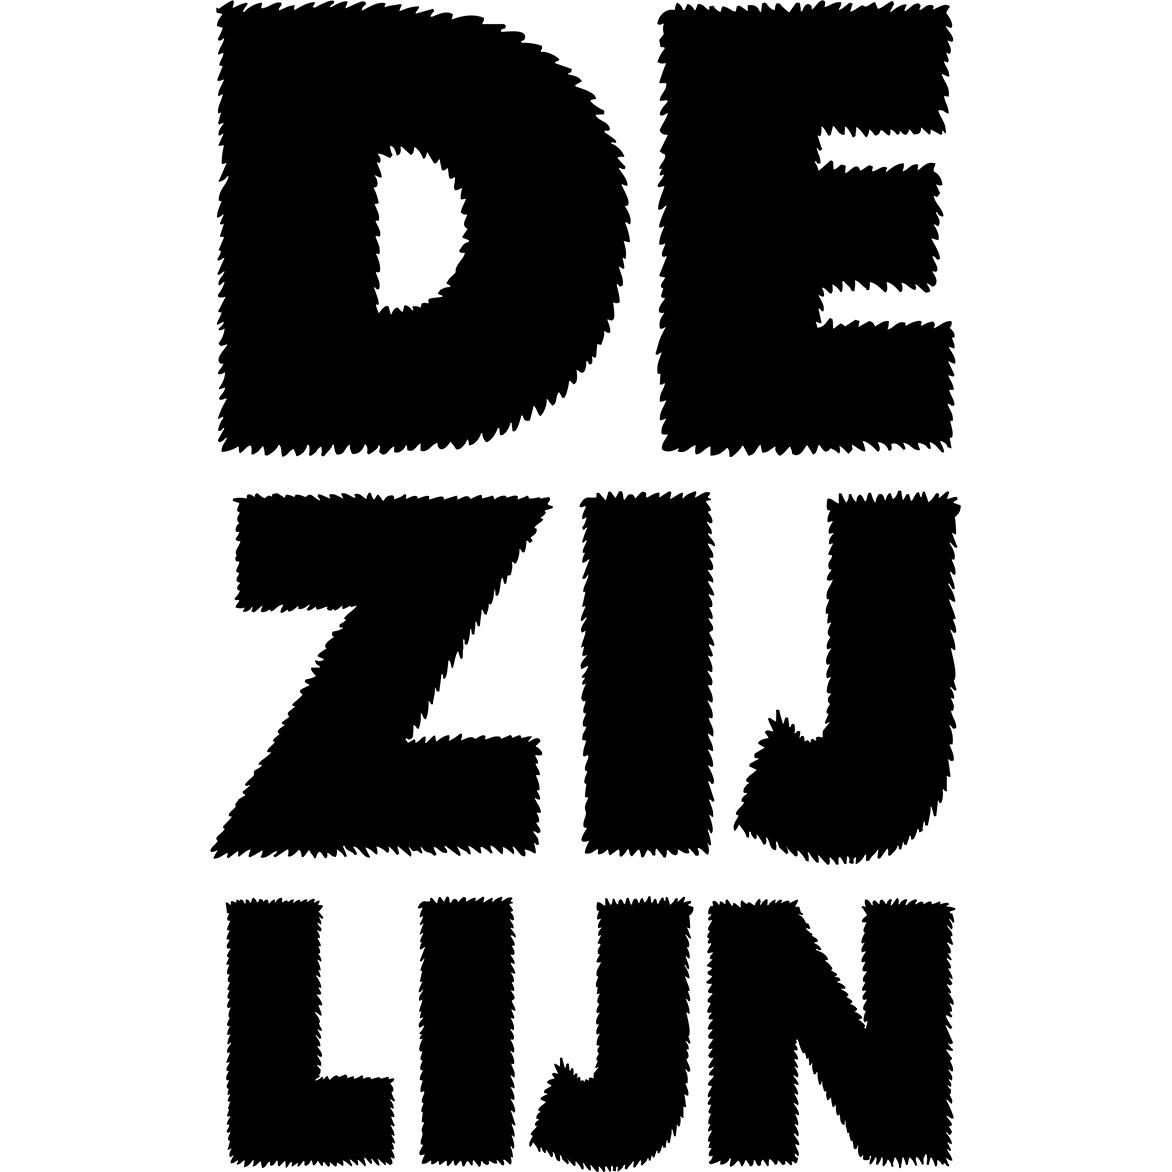 De Zijlijn_Bonte Hond_DOX Utrecht